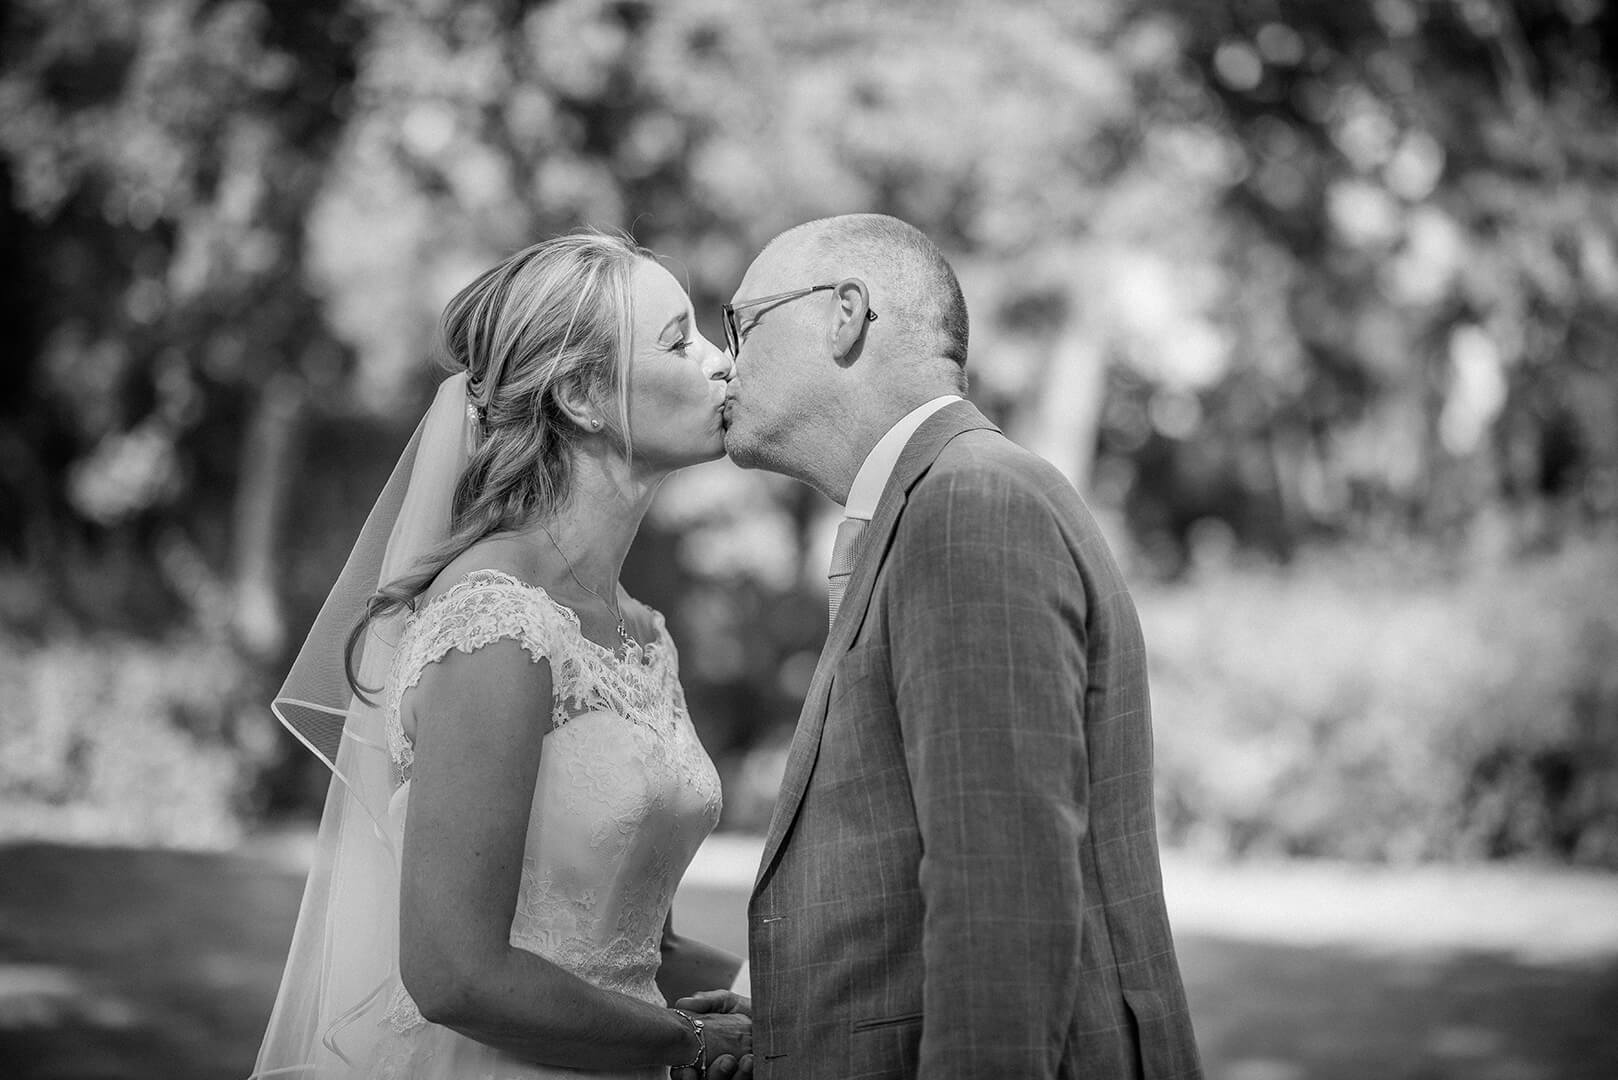 Photo en noir et blanc, un couple s'embrasse